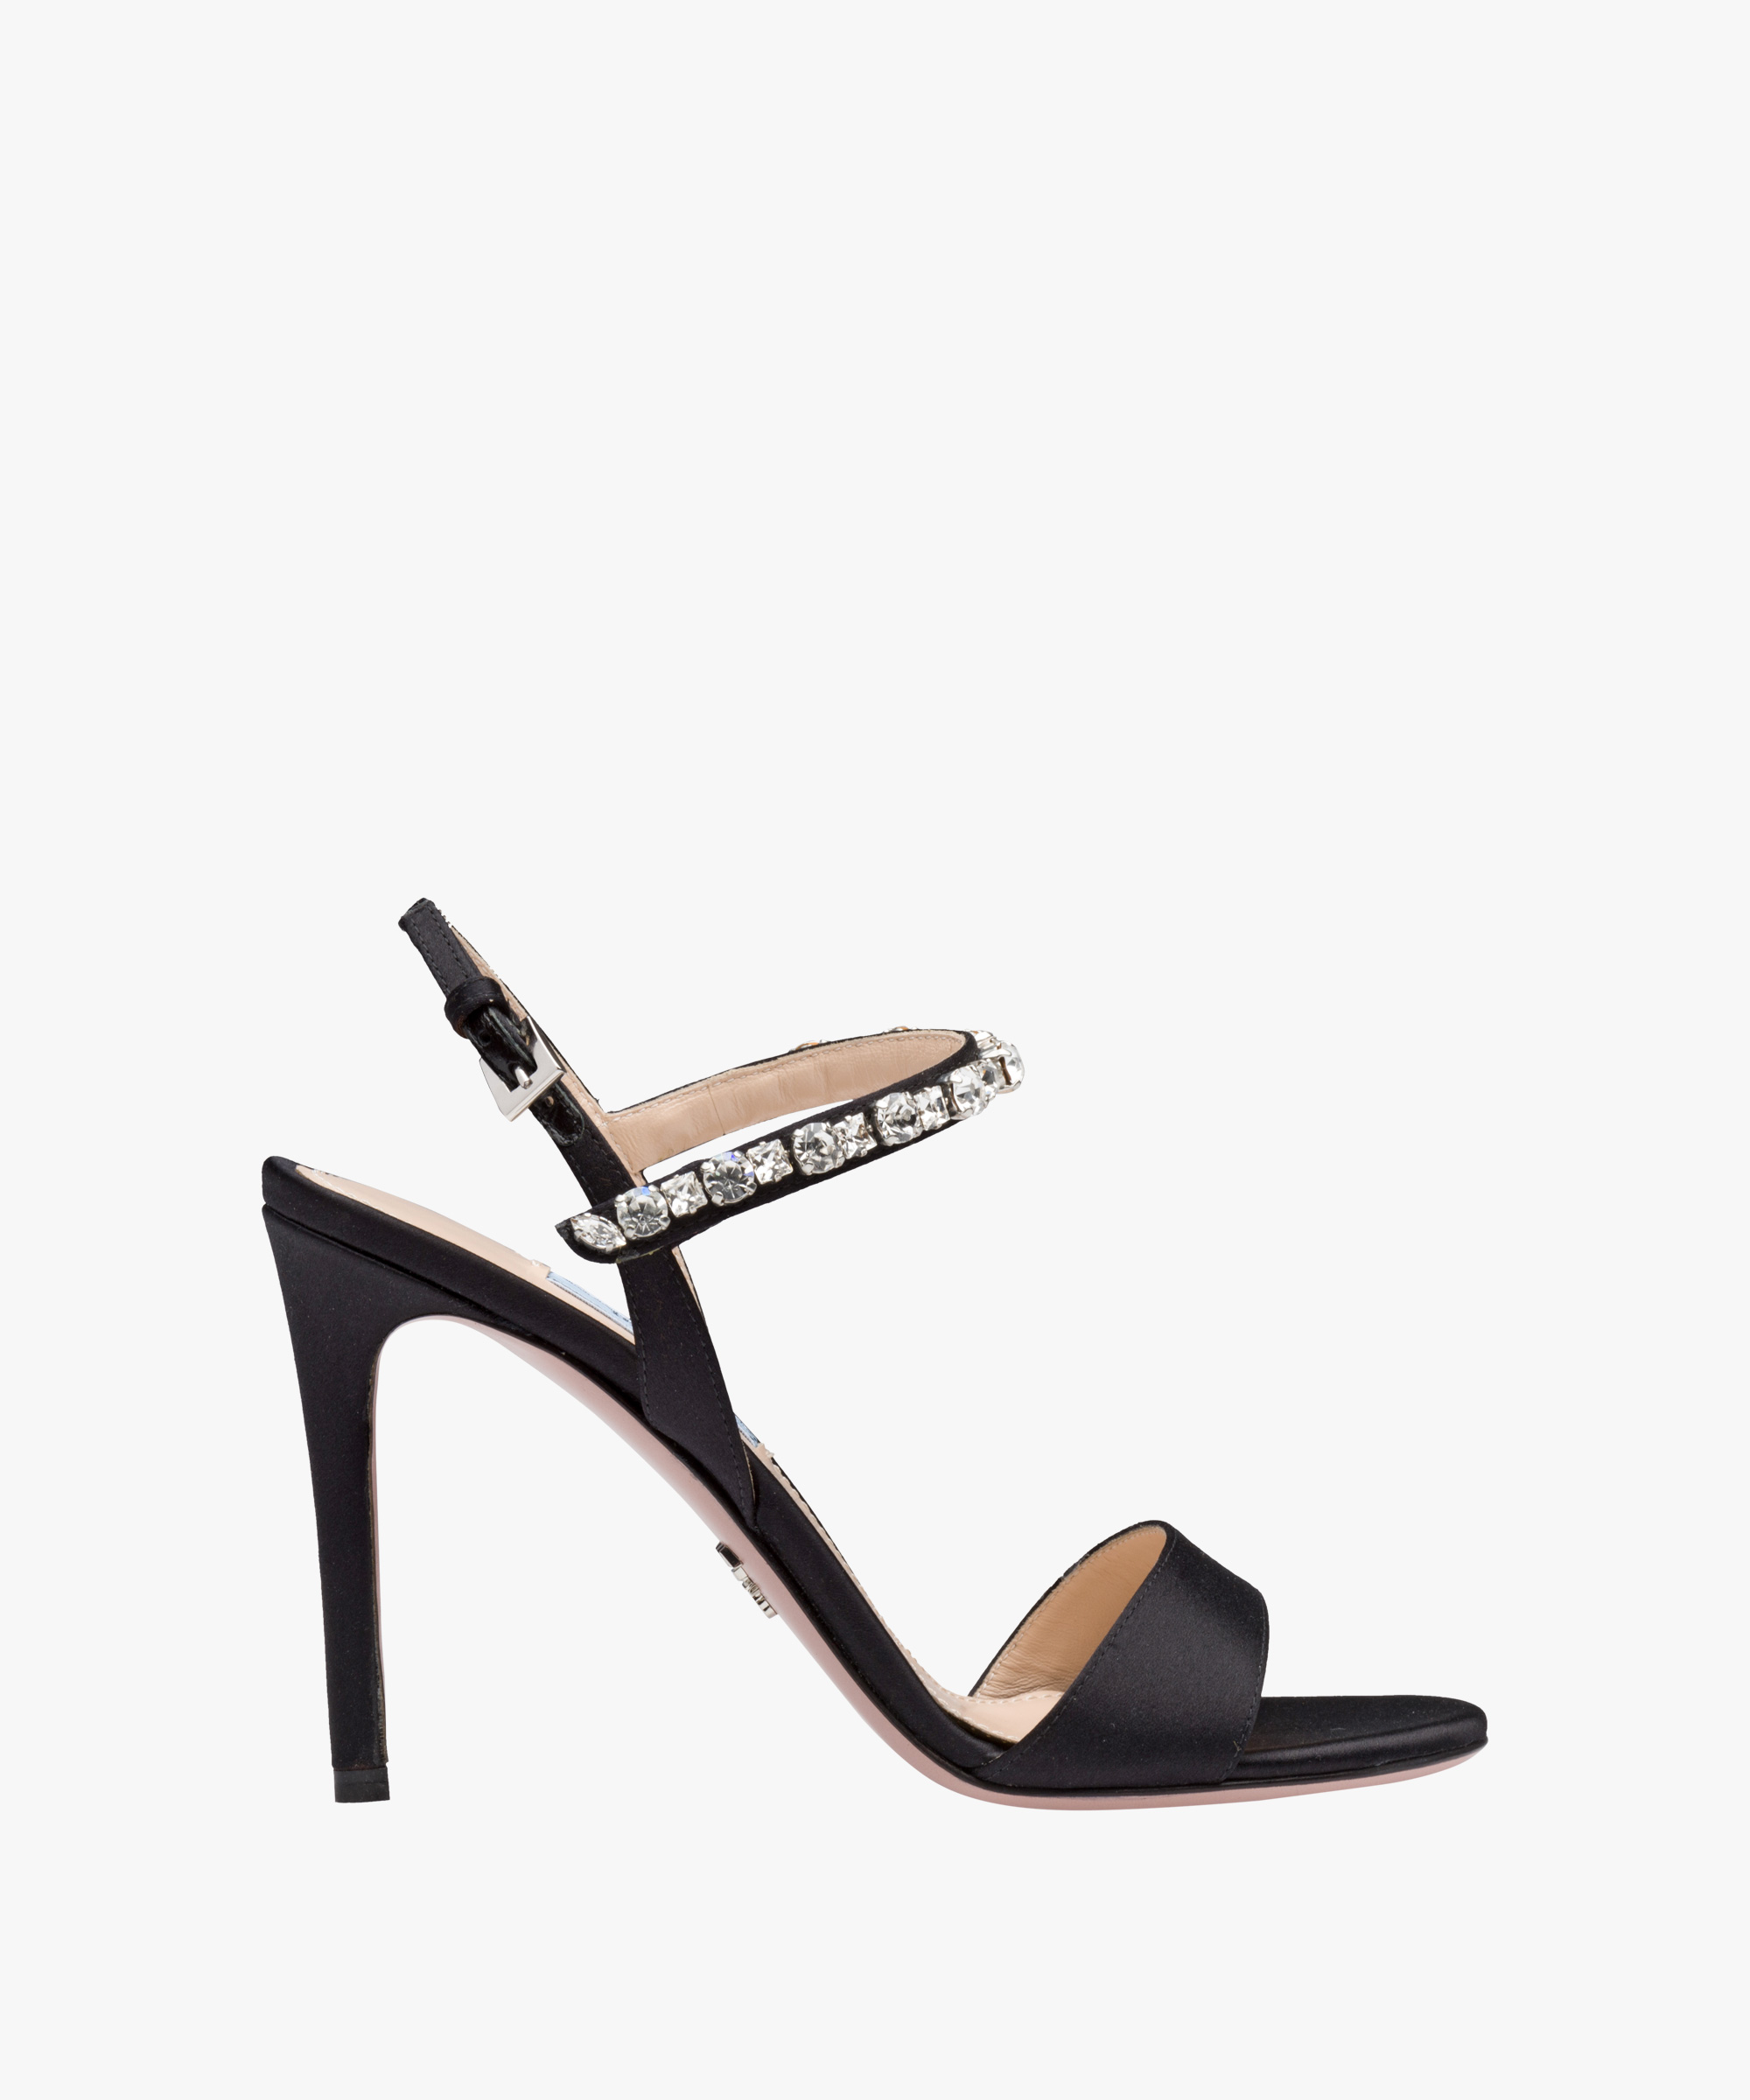 Sandali gioiello neri in raso con cristalli Prada estate 2018 a6ea2578bdc